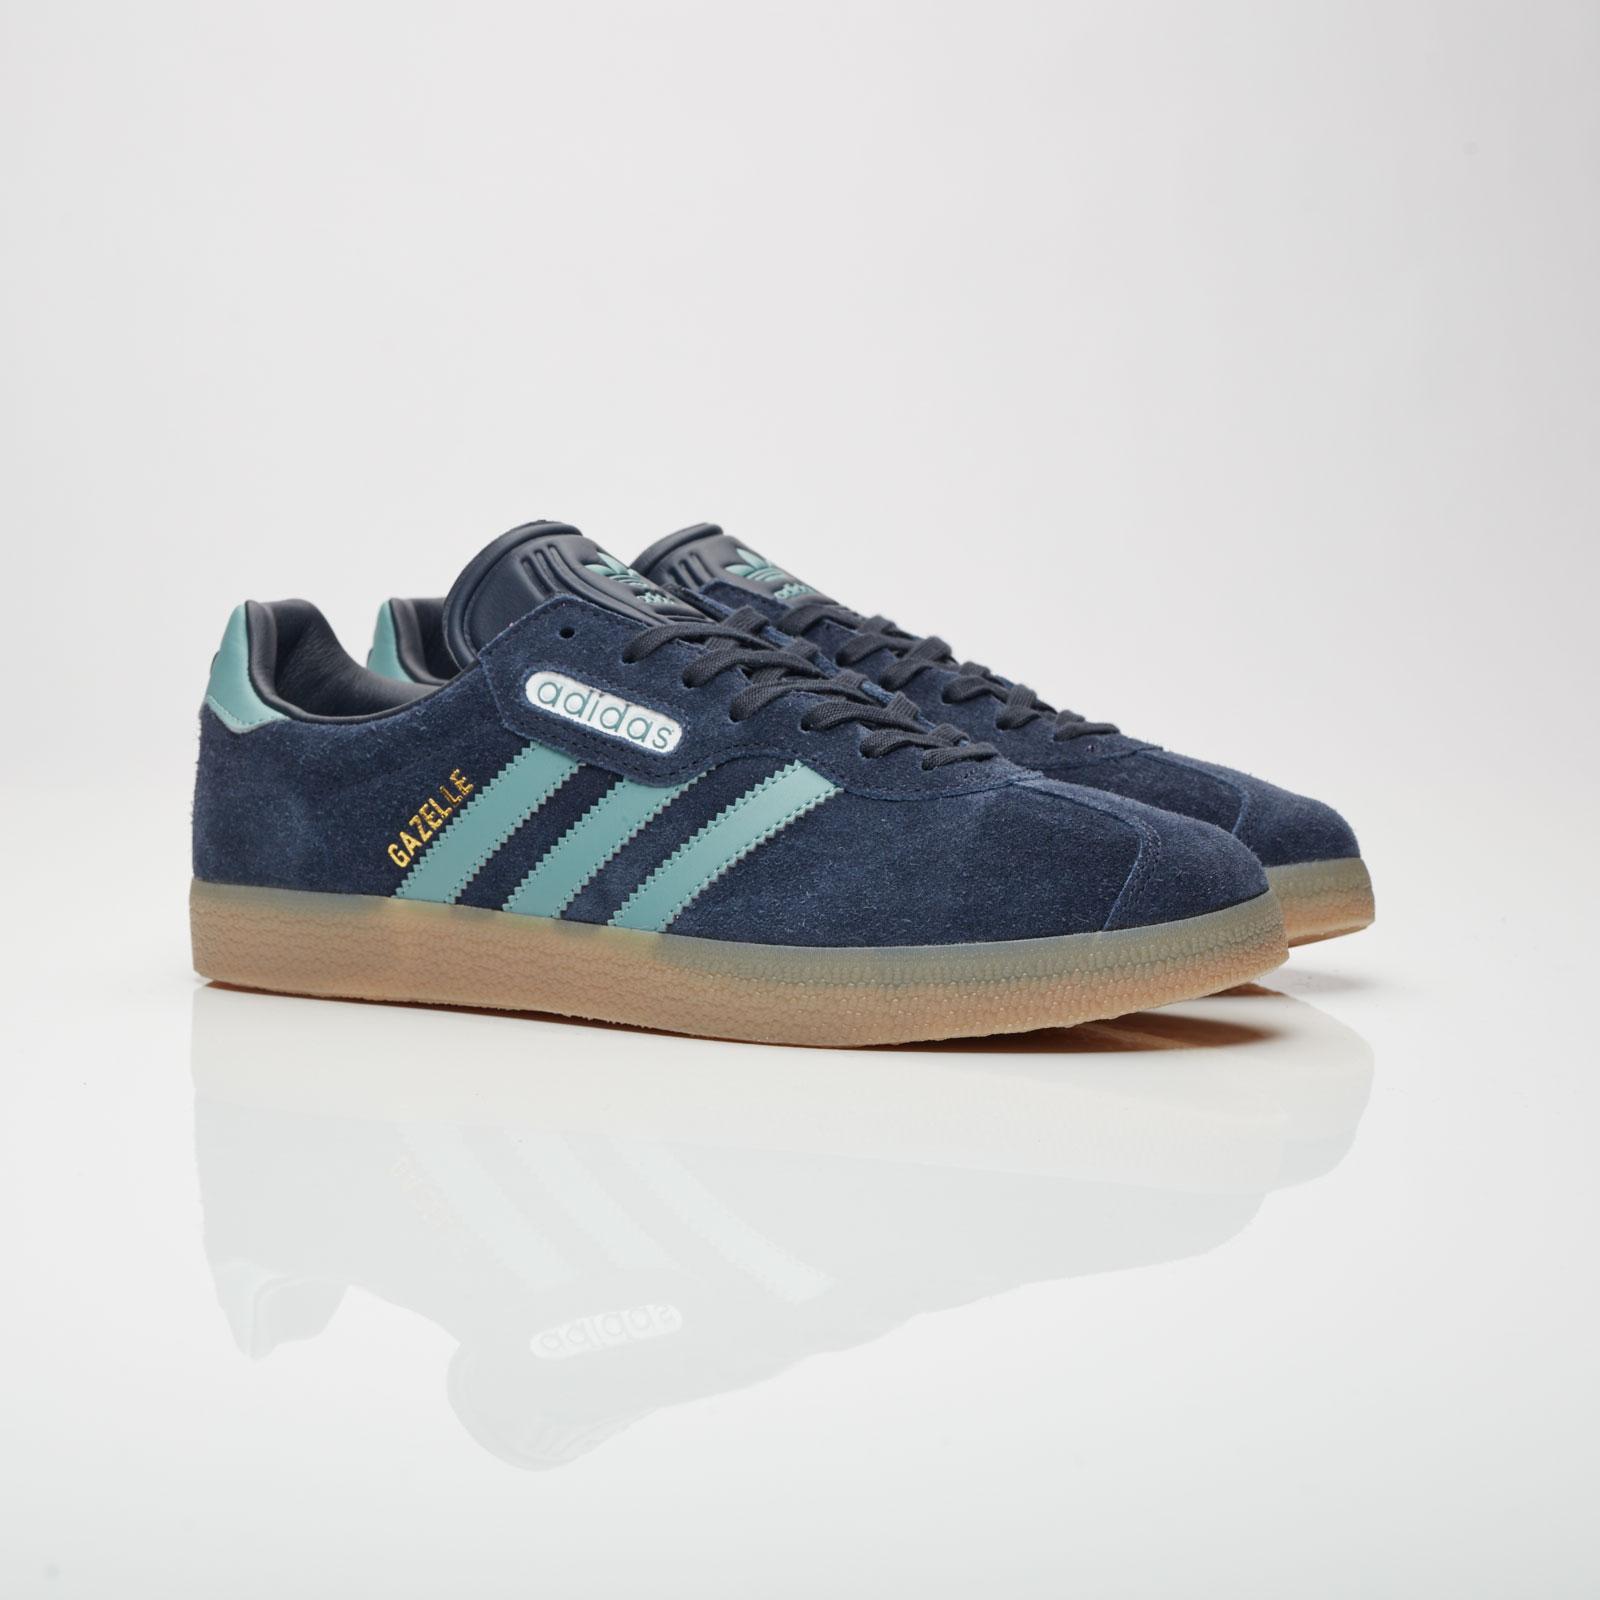 adidas Gazelle Super - Cg3275 - SNS | sneakers & streetwear online ...